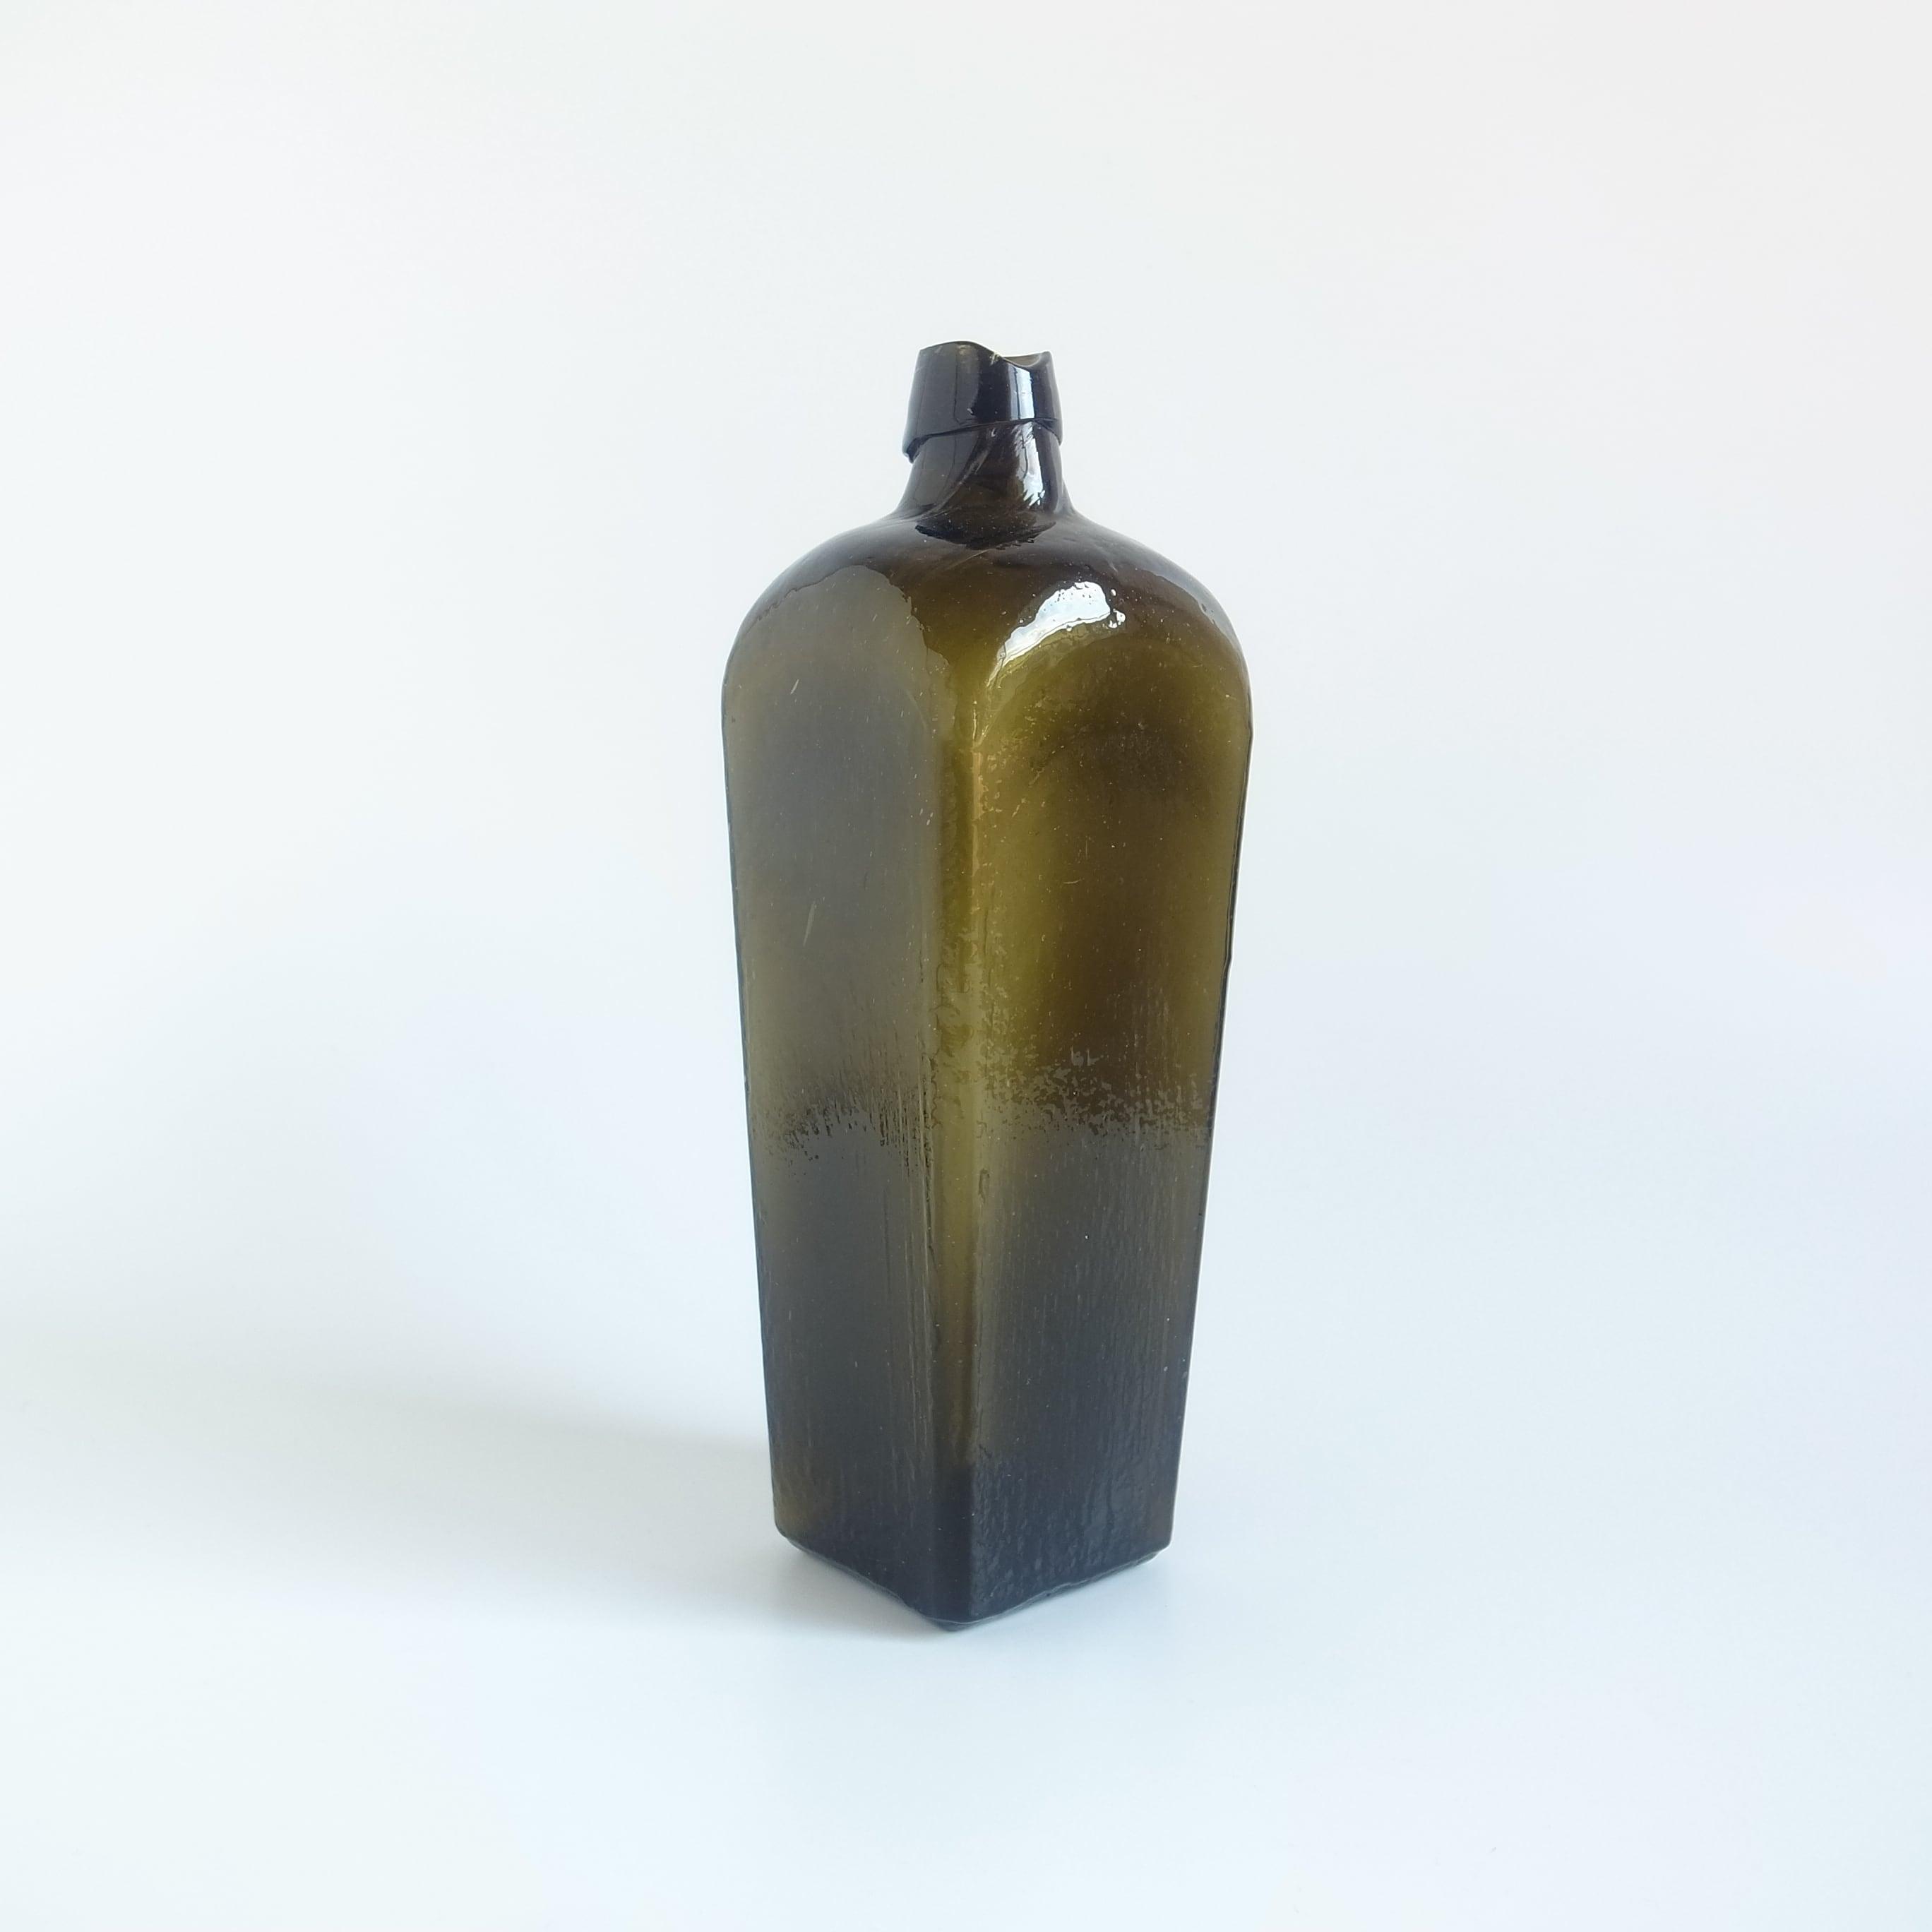 Glass gin bottle[B]